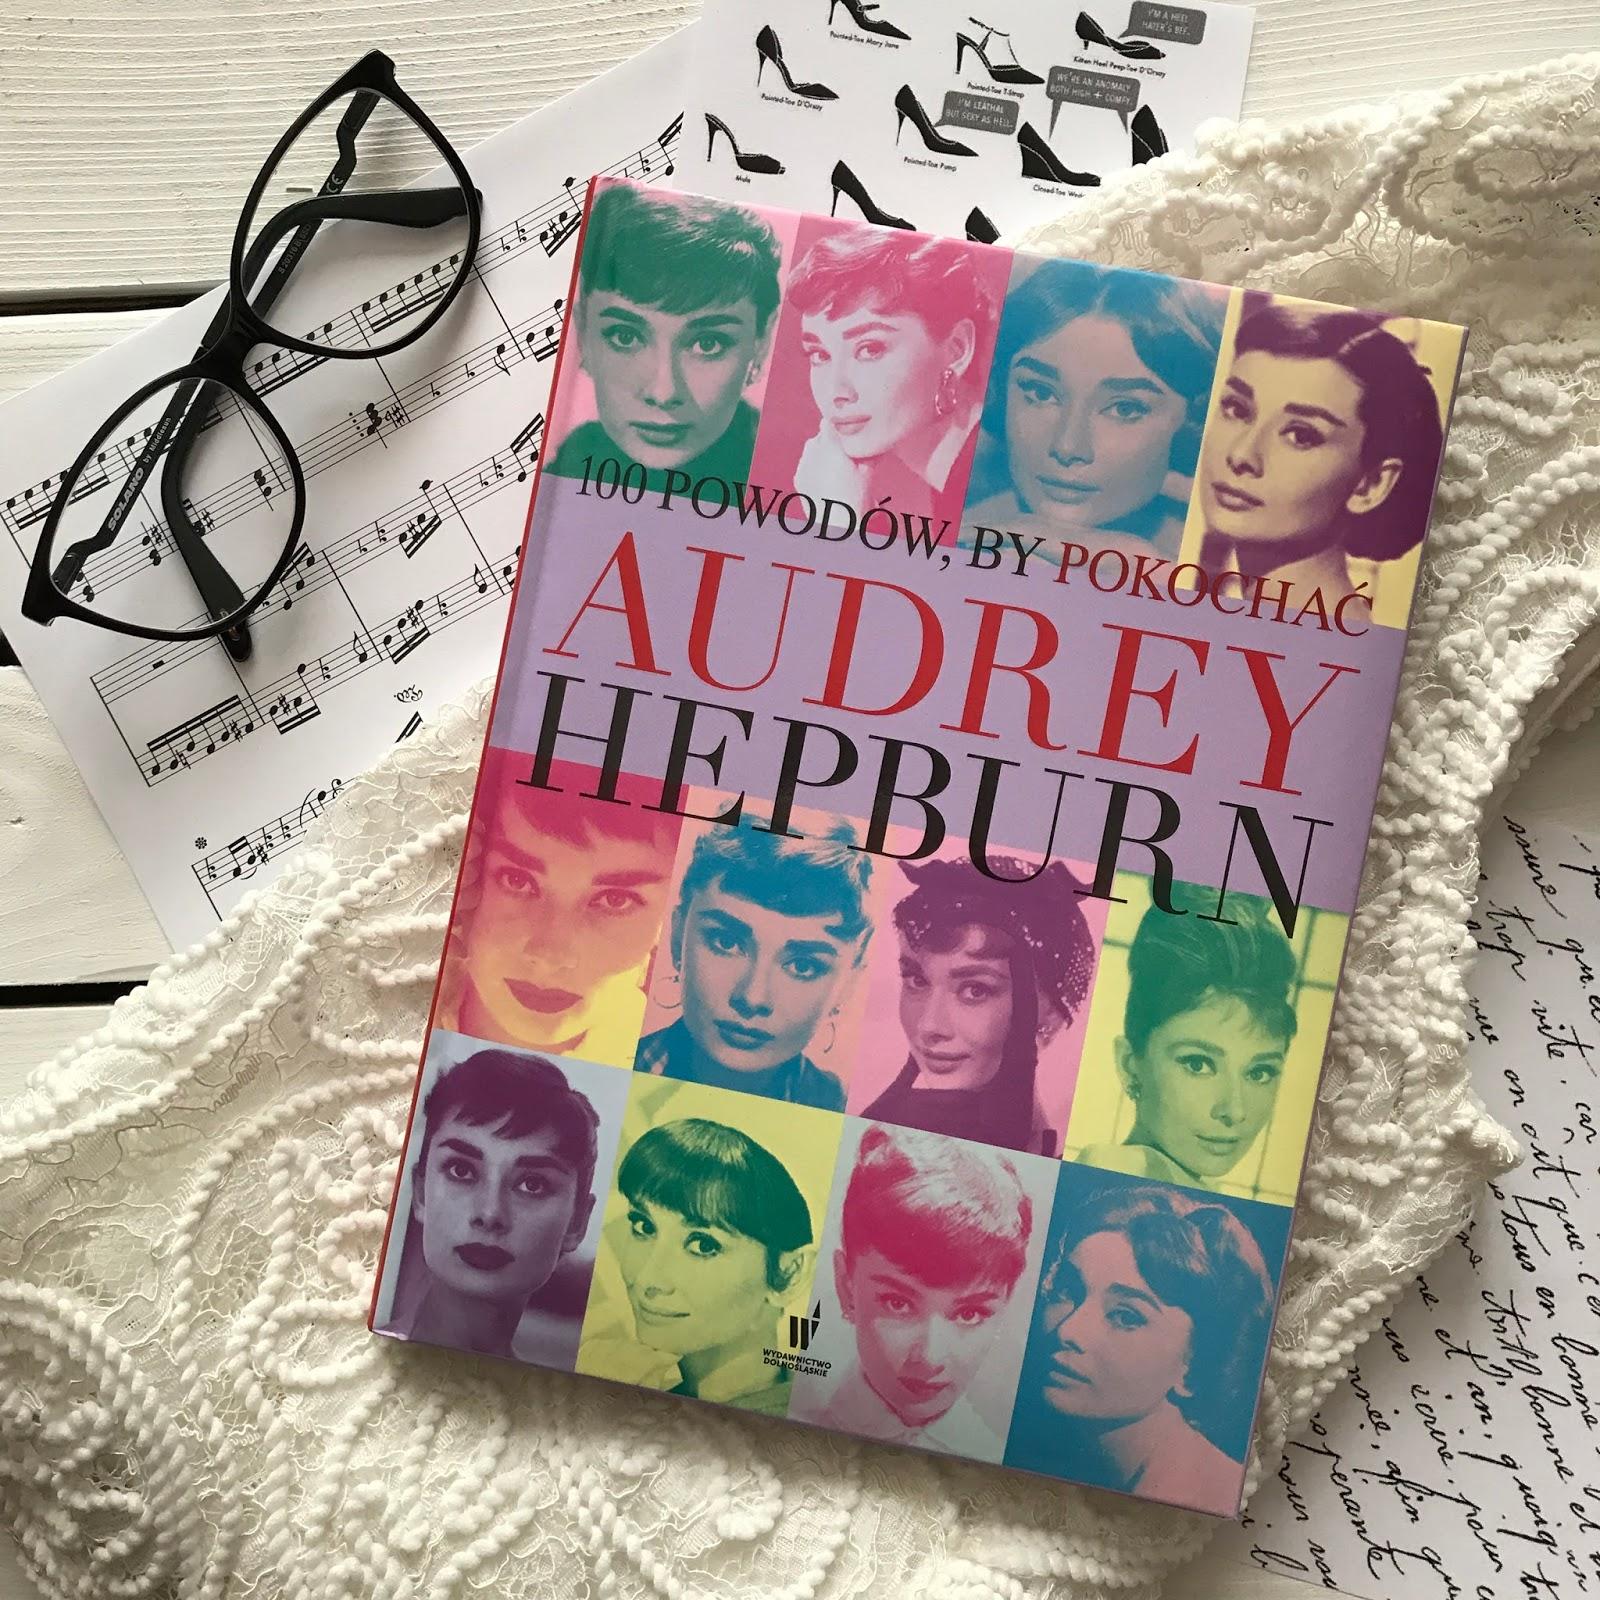 Joanna Benecke, 100 powodów, by pokochać Audrey Hepburn